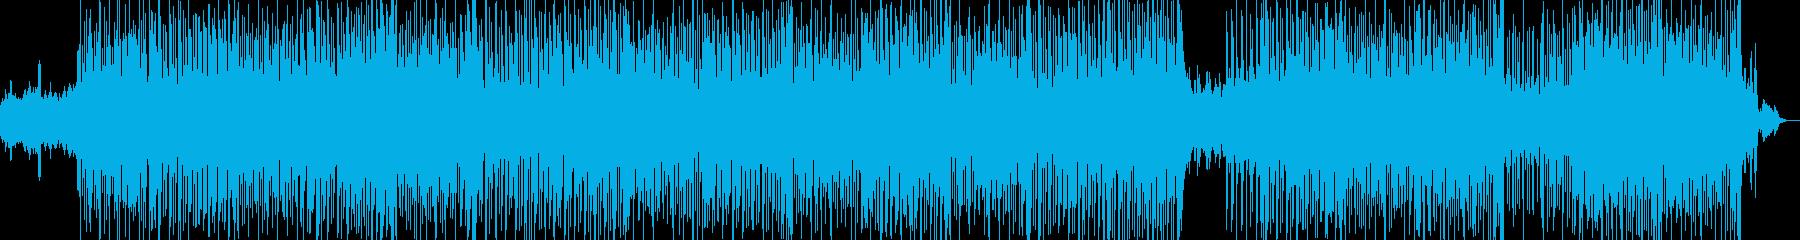 クラリネットが美しいポップスの再生済みの波形